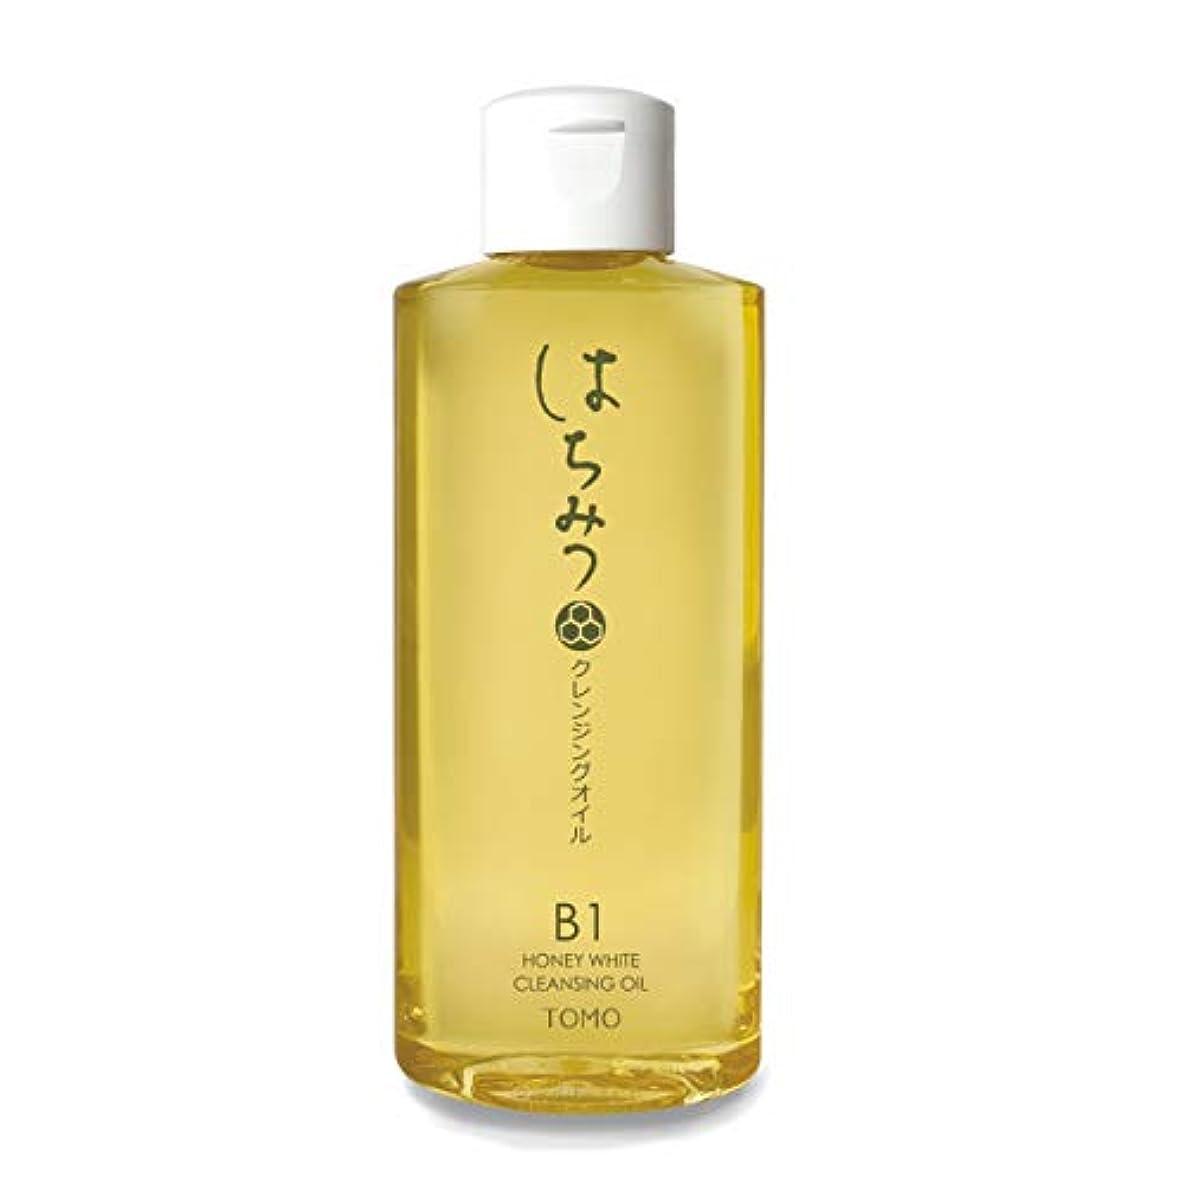 反抗受信機疾患低刺激 ロイヤルゼリーエキス配合 50%以上がオリーブオイル 洗い流すタイプのクレンジング クレンジングオイルB1 150ml